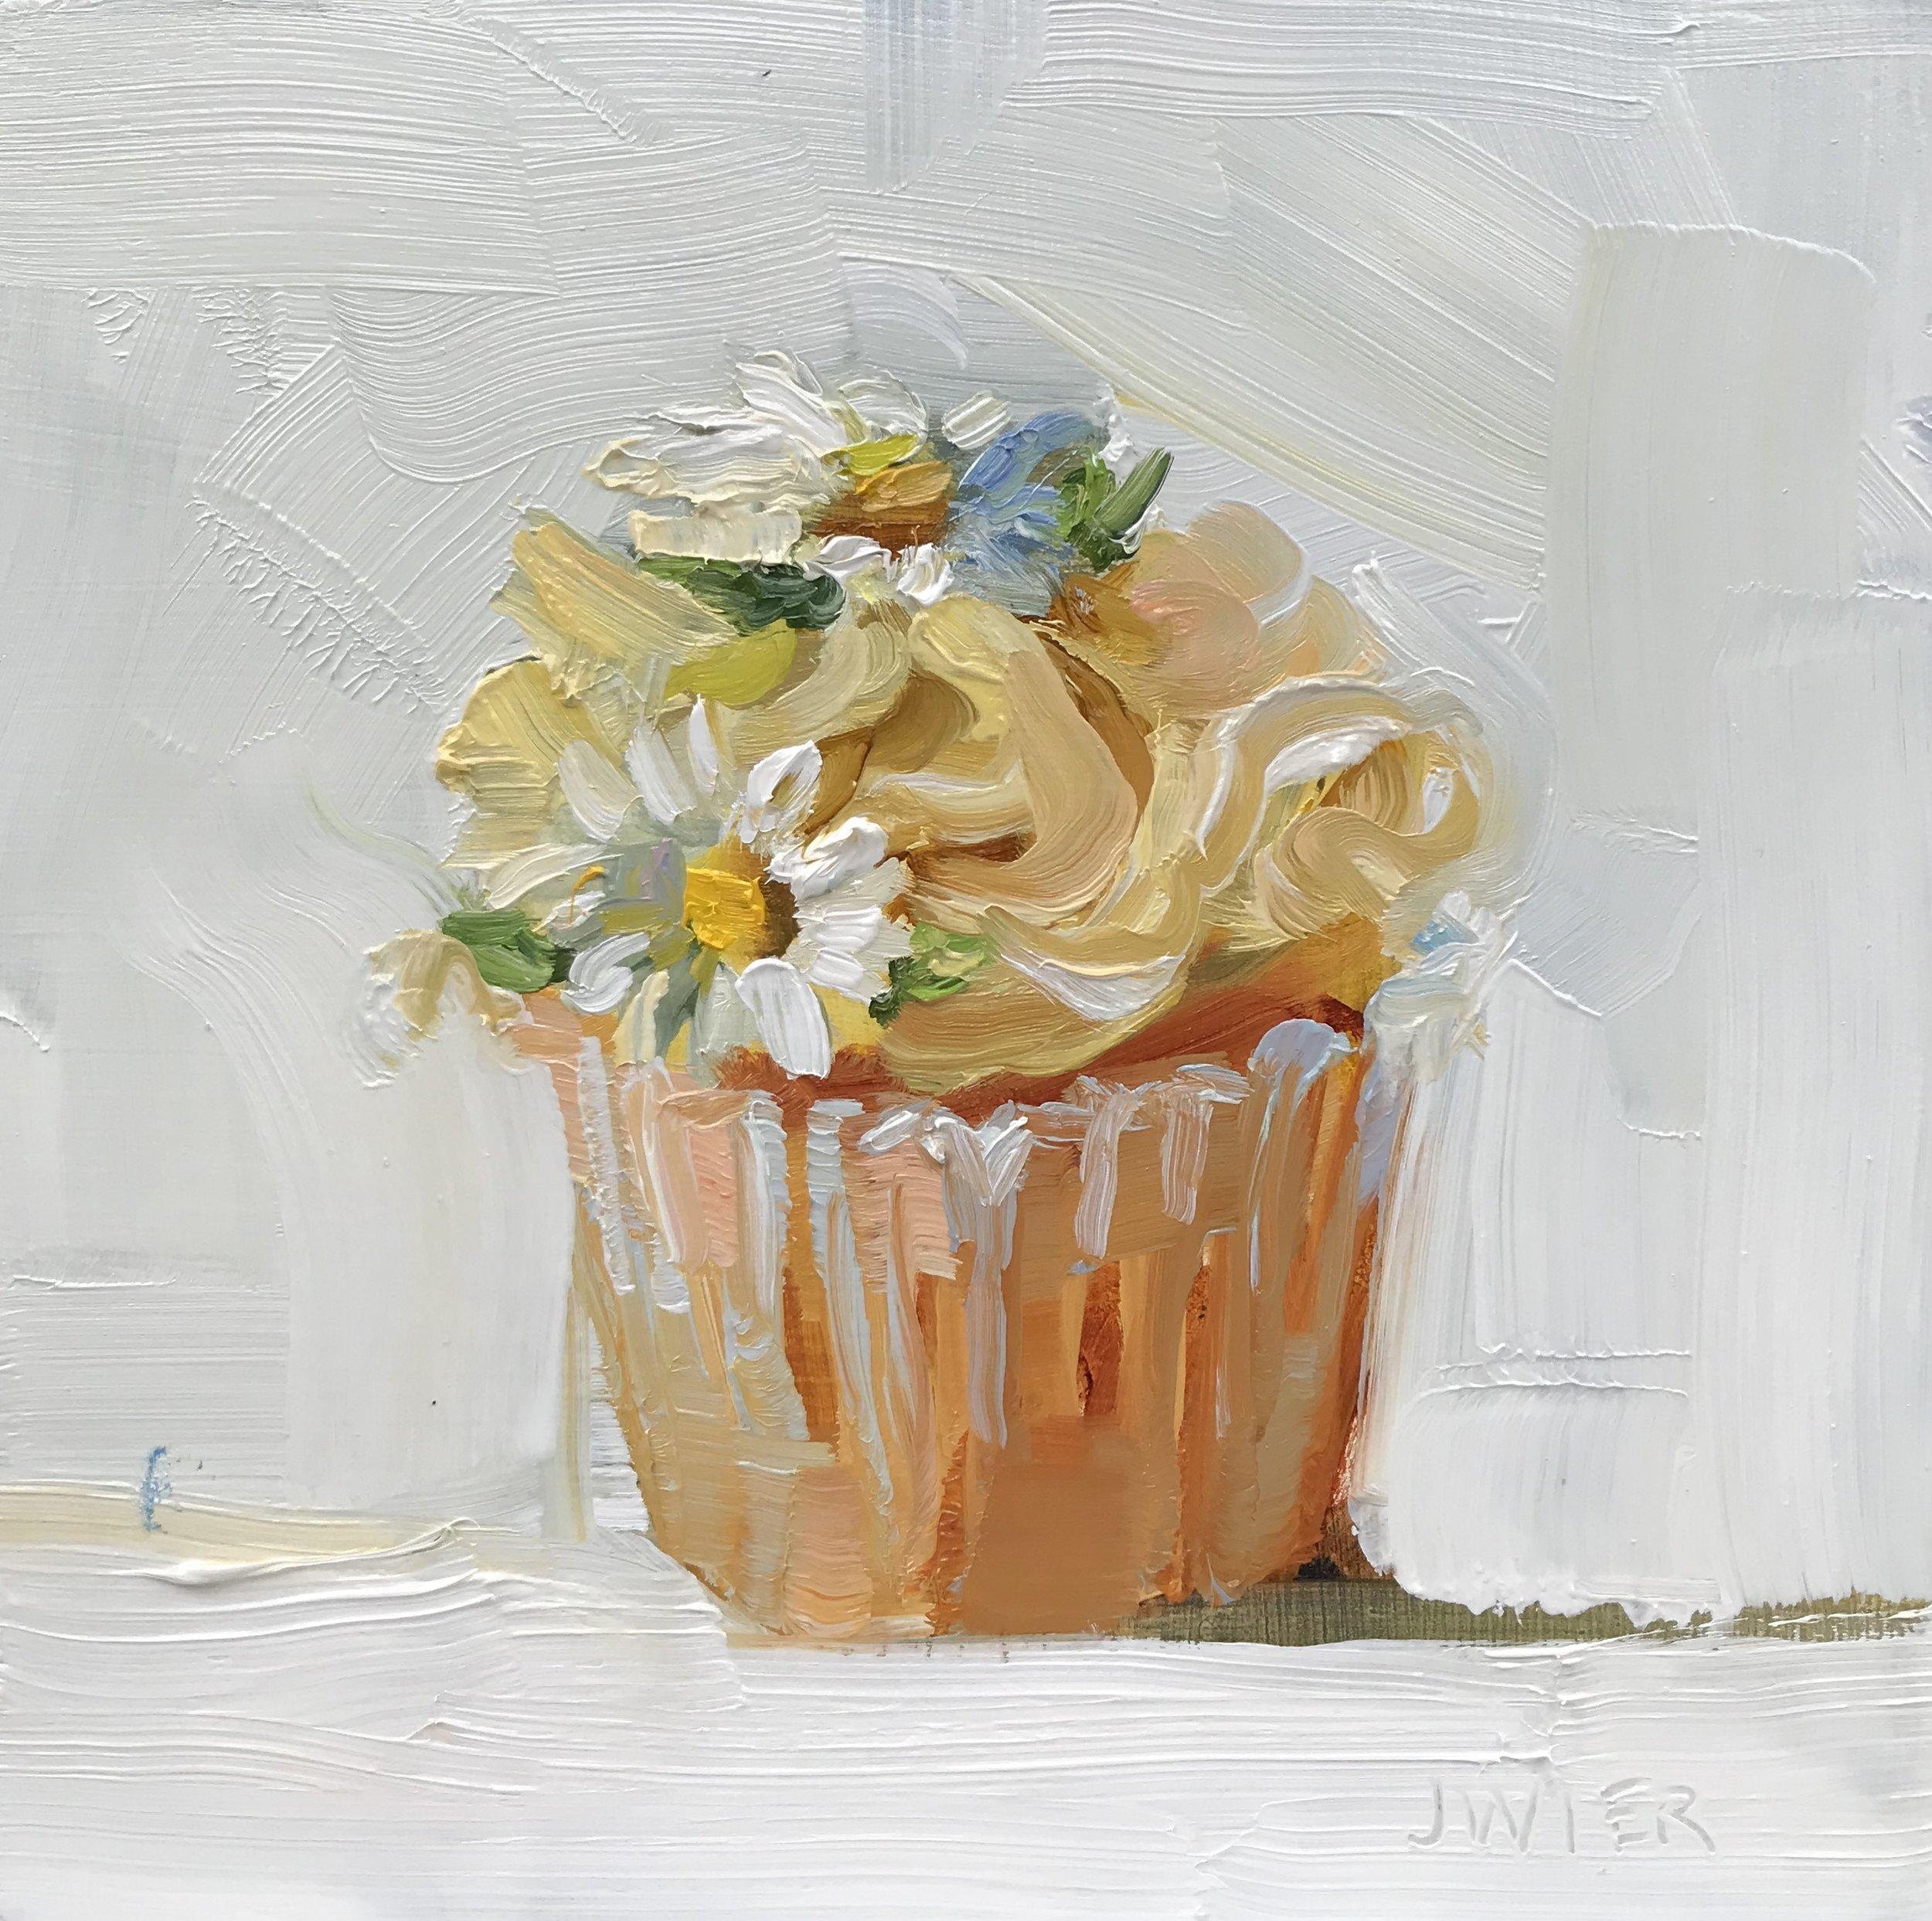 Daisy Cupcake I